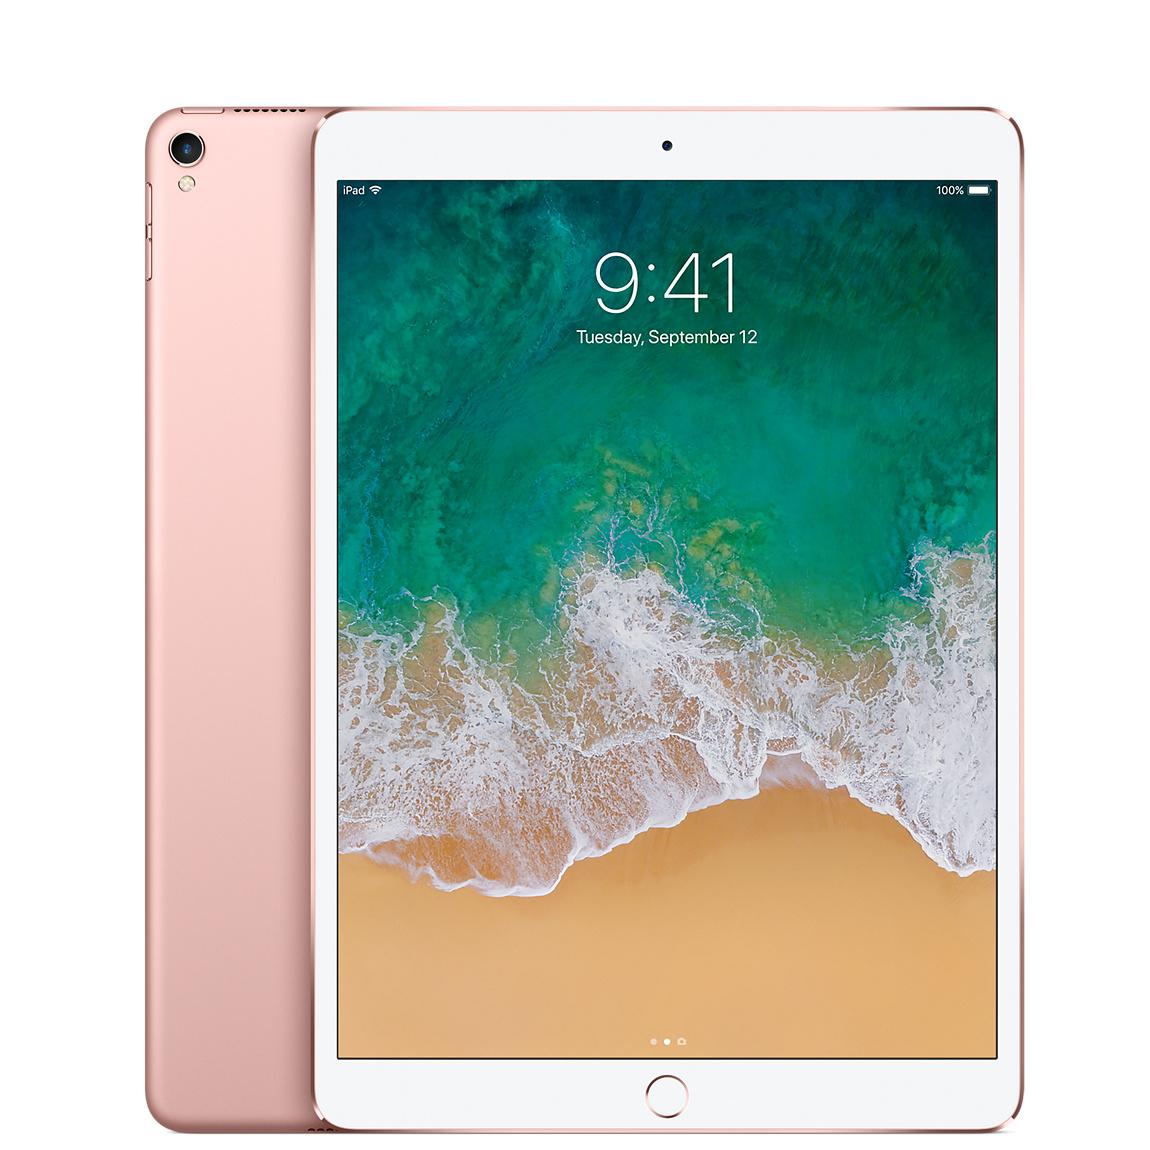 Refurbished 10 5 Inch Ipad Pro Wi Fi 64gb Rose Gold Apple